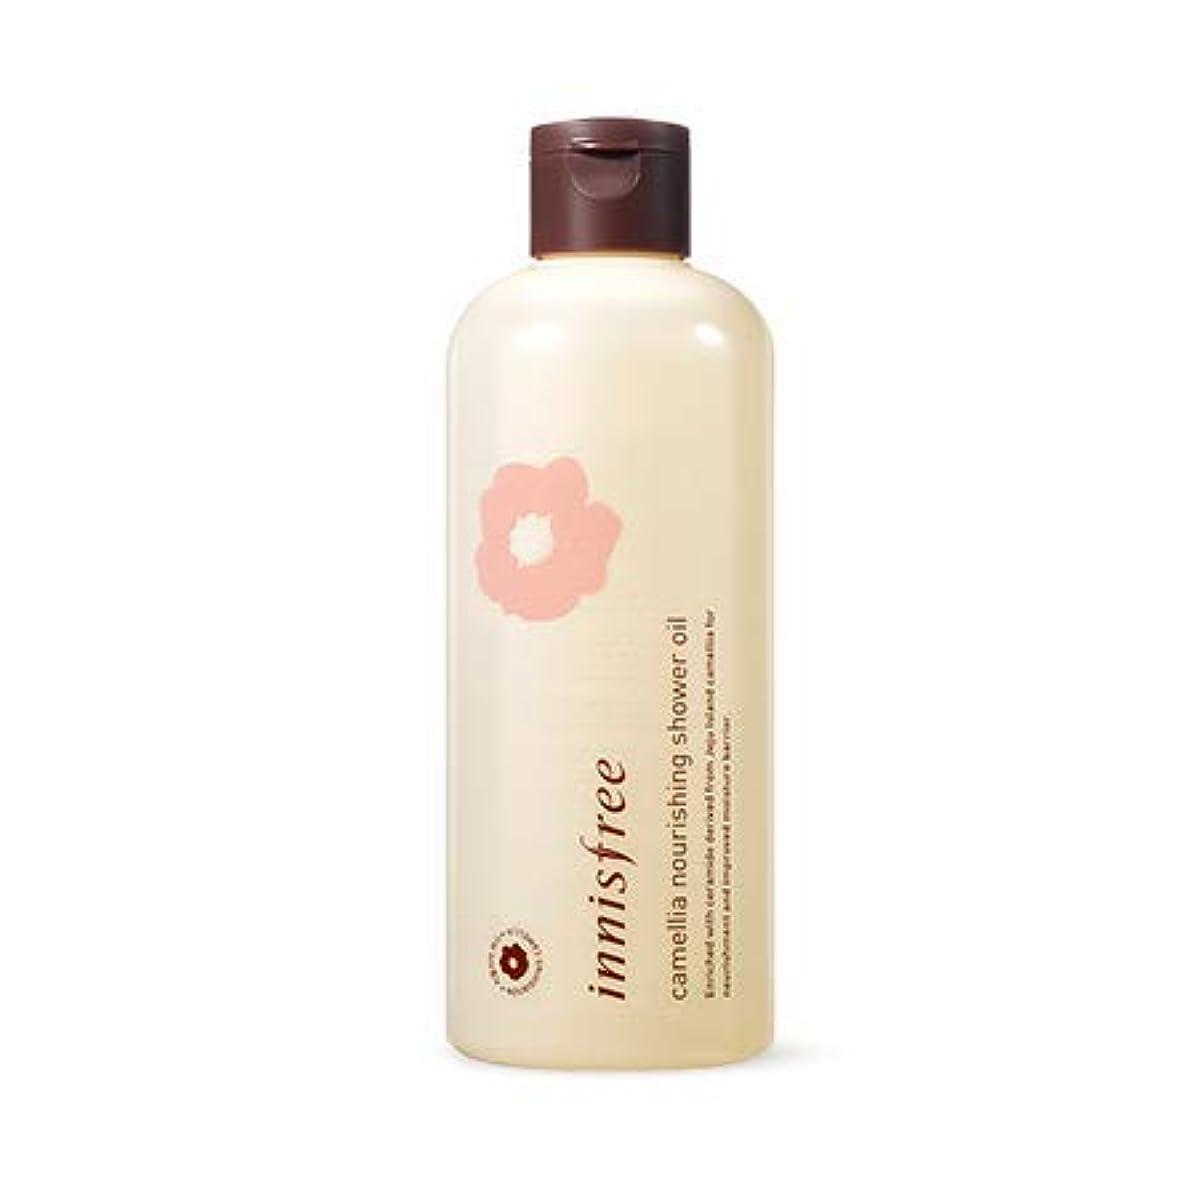 [イニスフリー.innisfree]カメリアナリーシンシャワーオイル300mL(2019 new)/ Camellia Nourishing Shower Oil